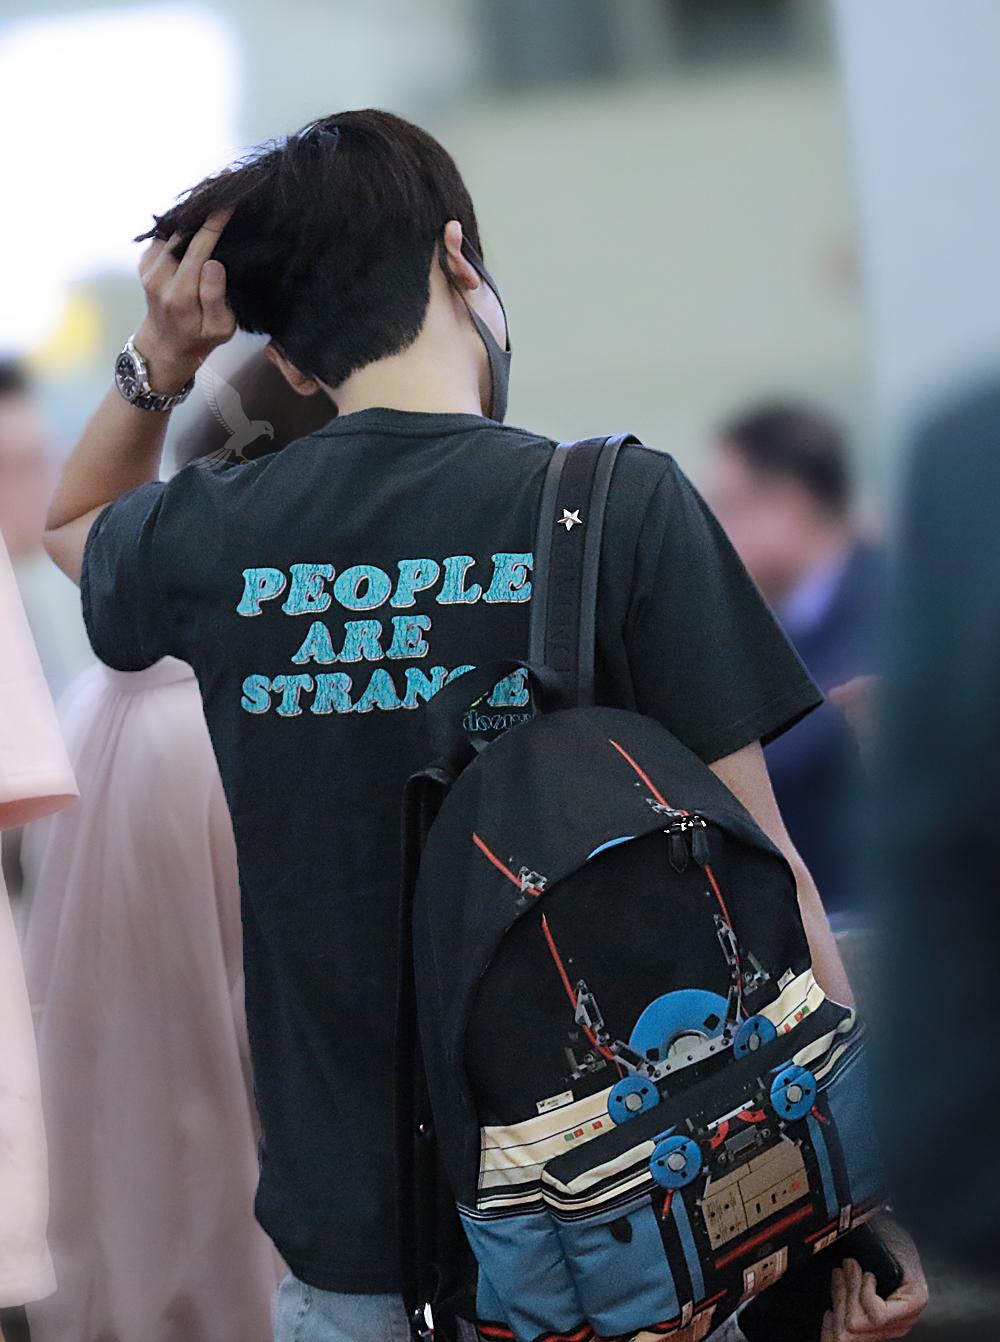 박형식이 패셔니스타답게 멋진 공항패션을 보여주고 있다.